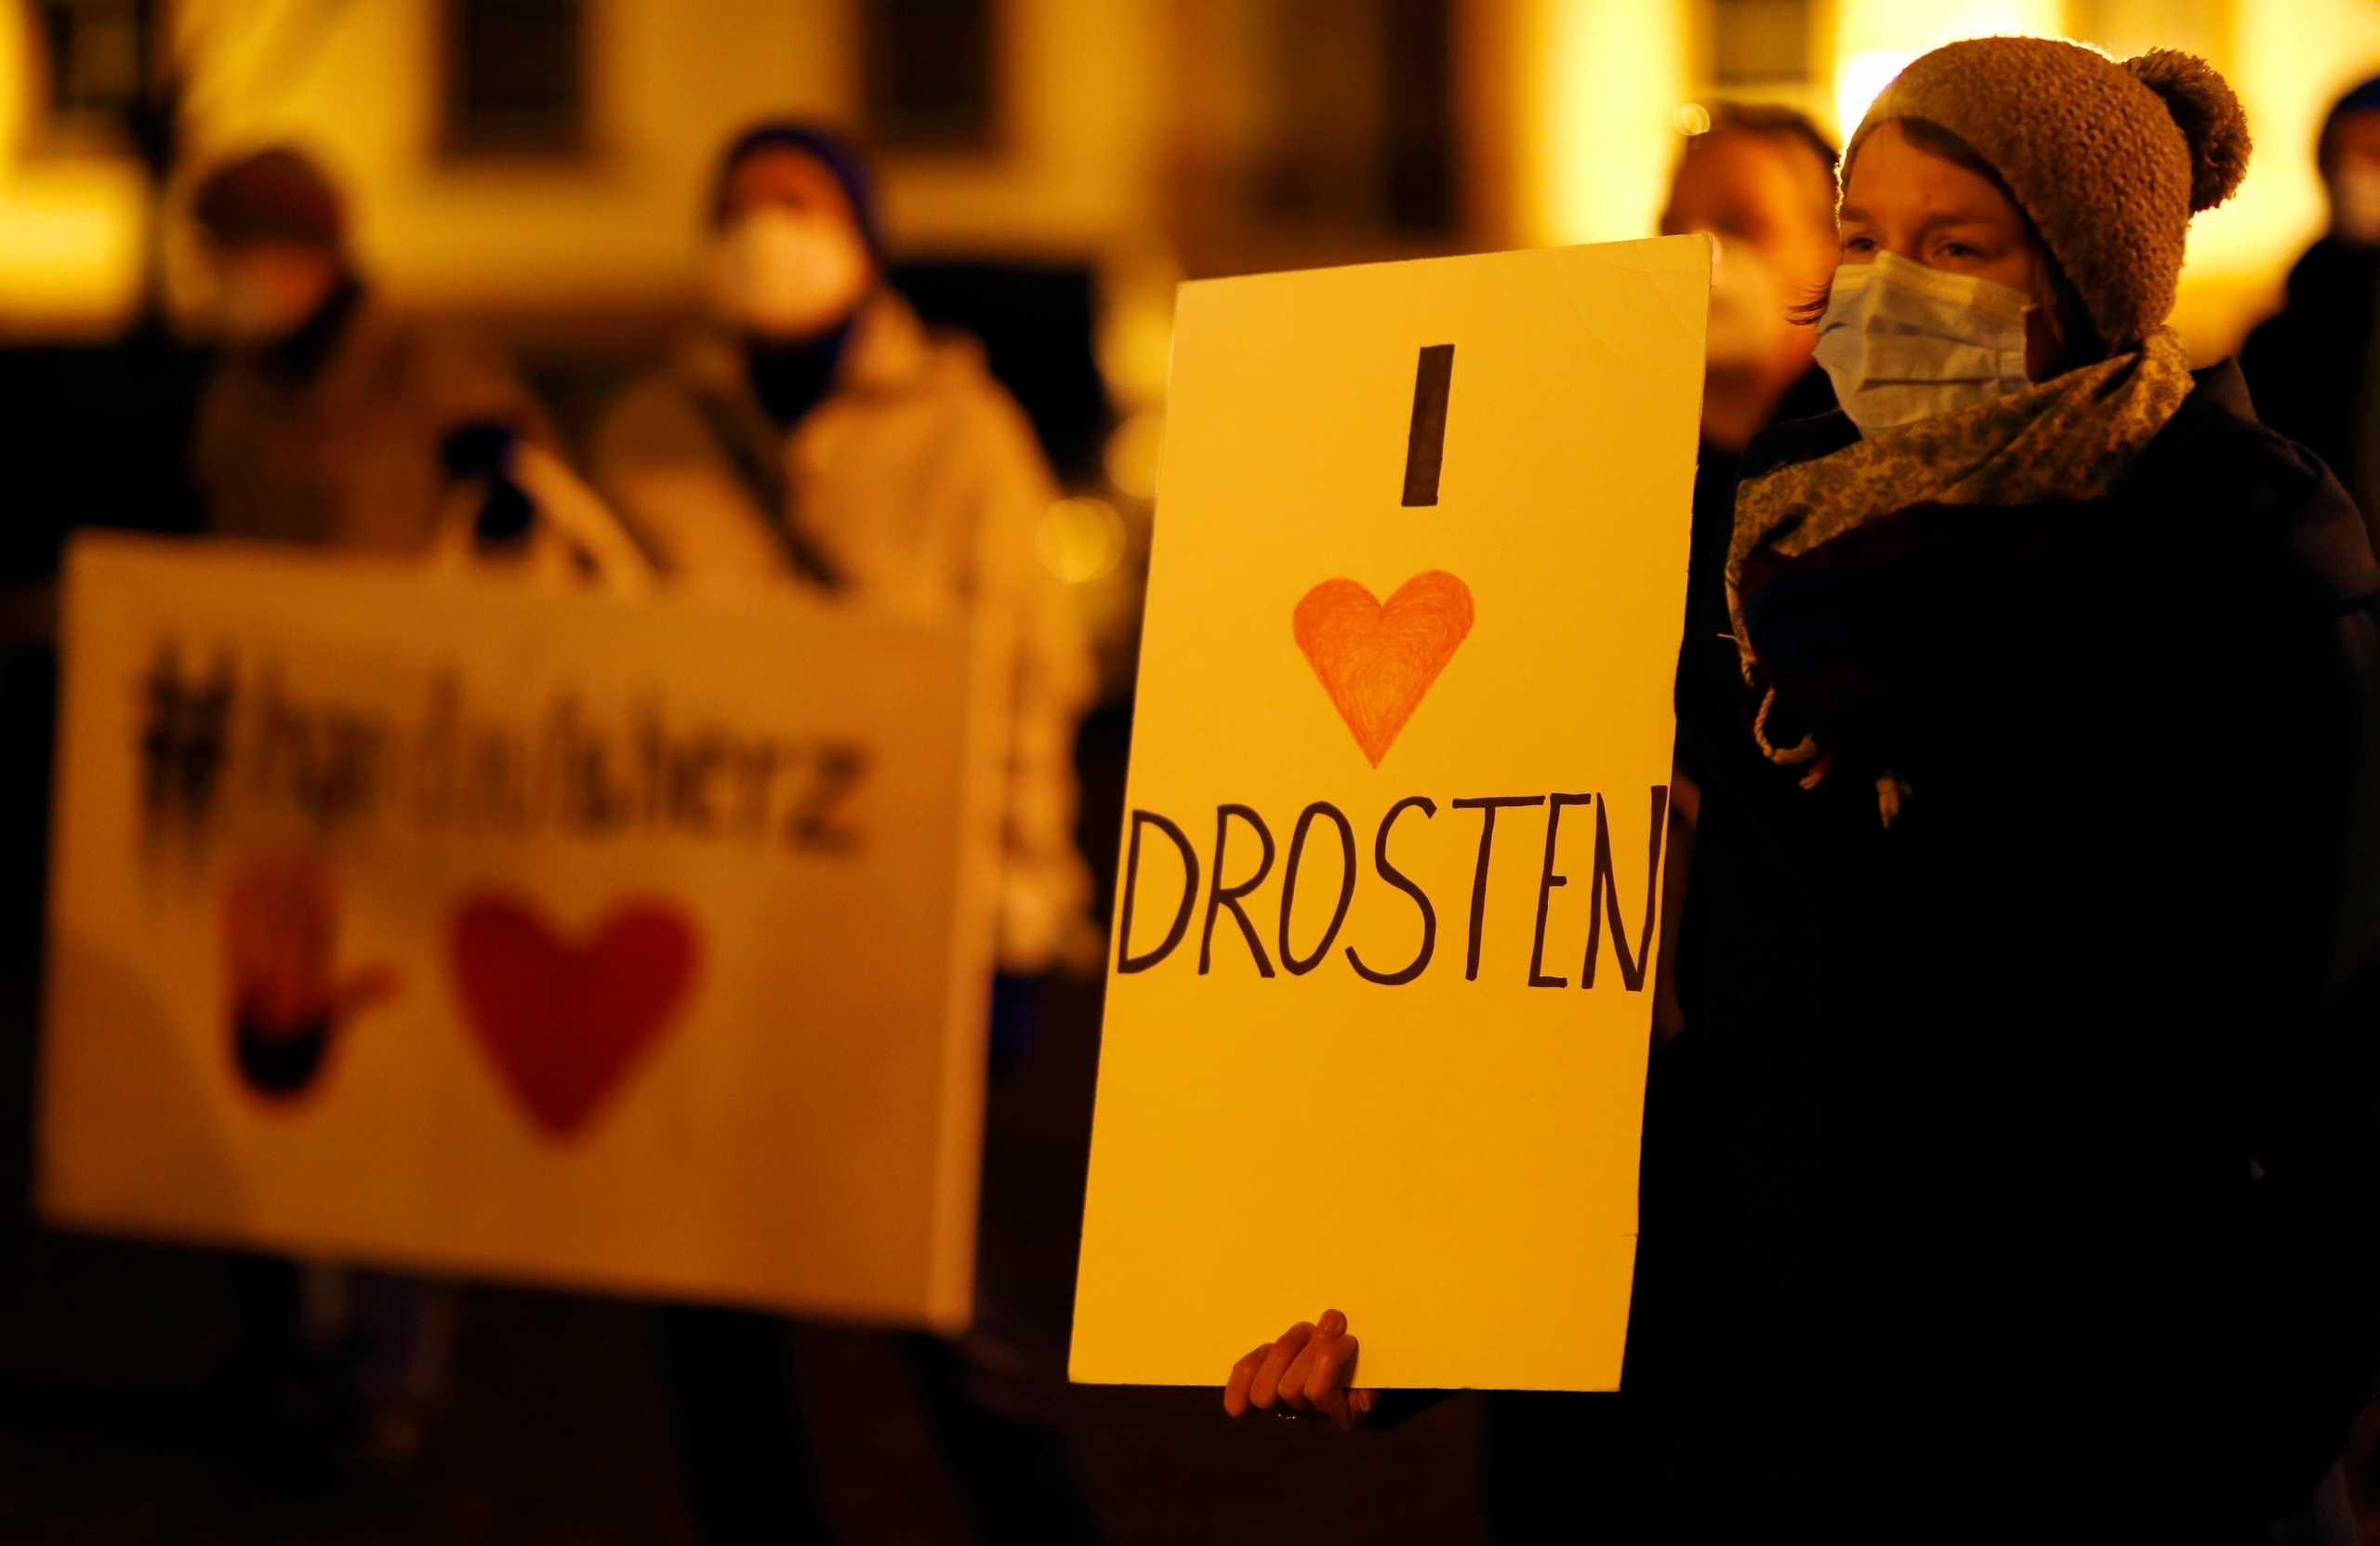 Γερμανία: Διαδηλώσεις στο Μόναχο κατά των μέτρων για τον κορονοϊό – 4.500 κρούσματα σε 24 ώρες